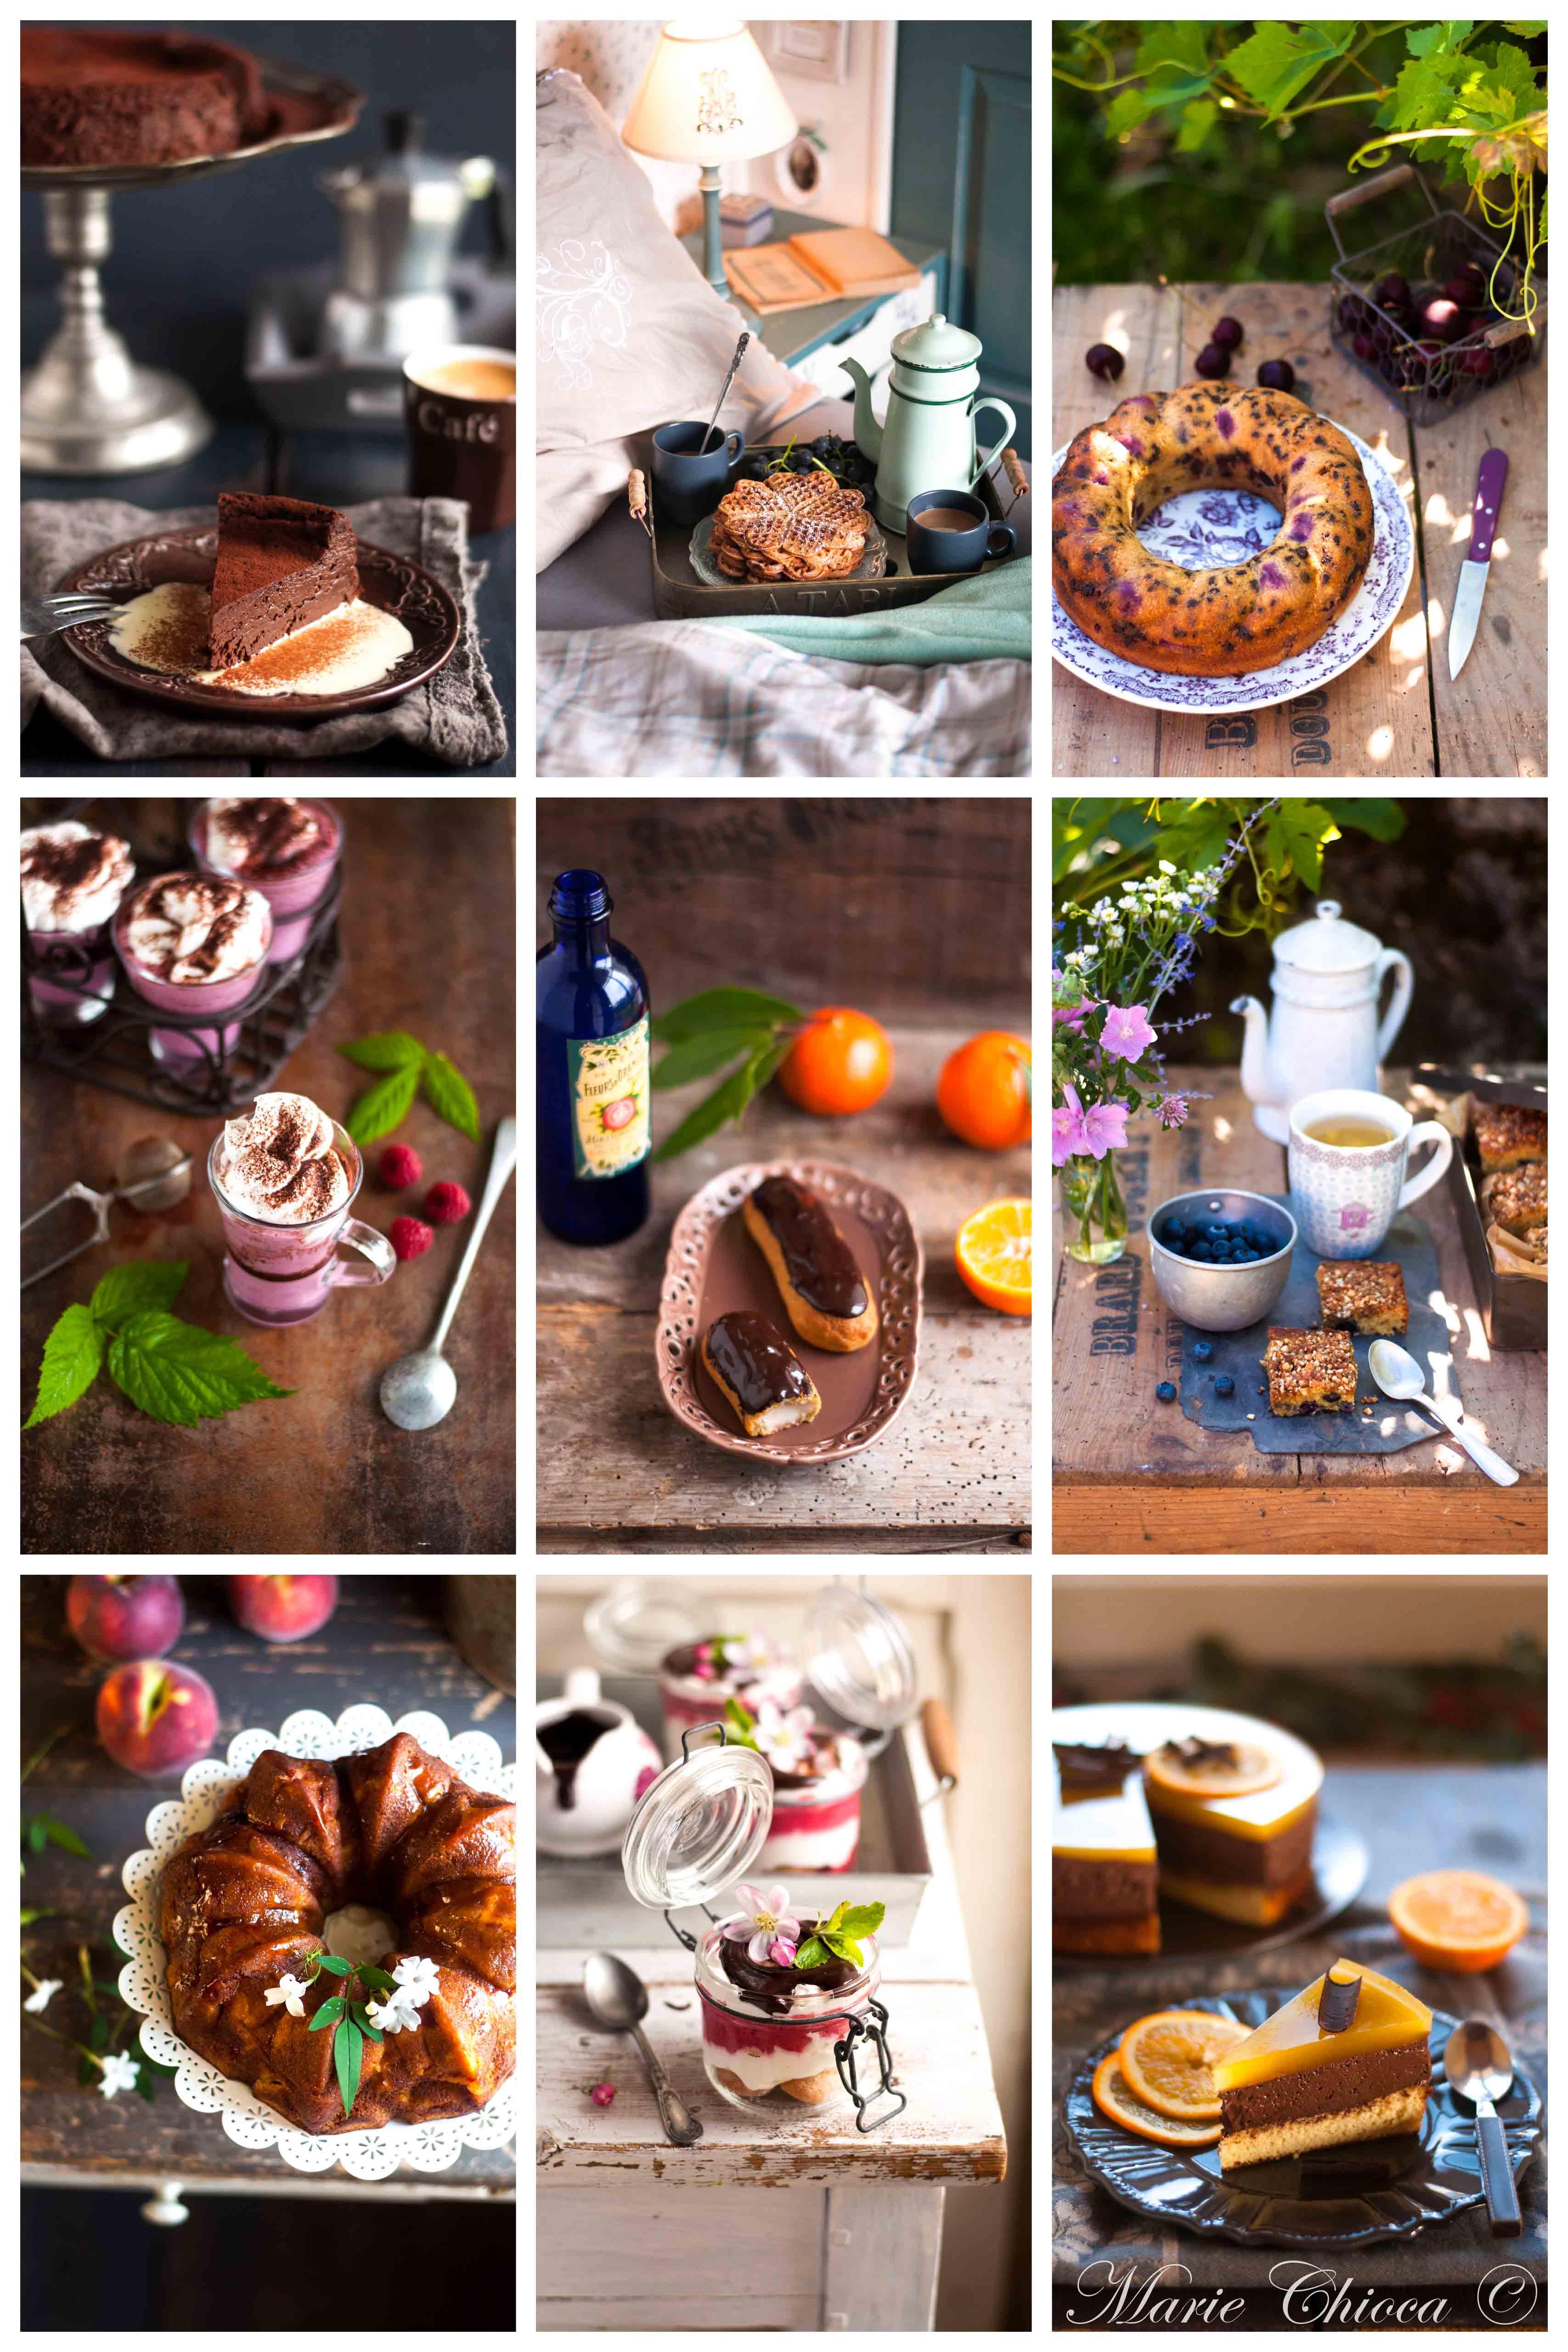 Montage-teasing-desserts-IG-bas